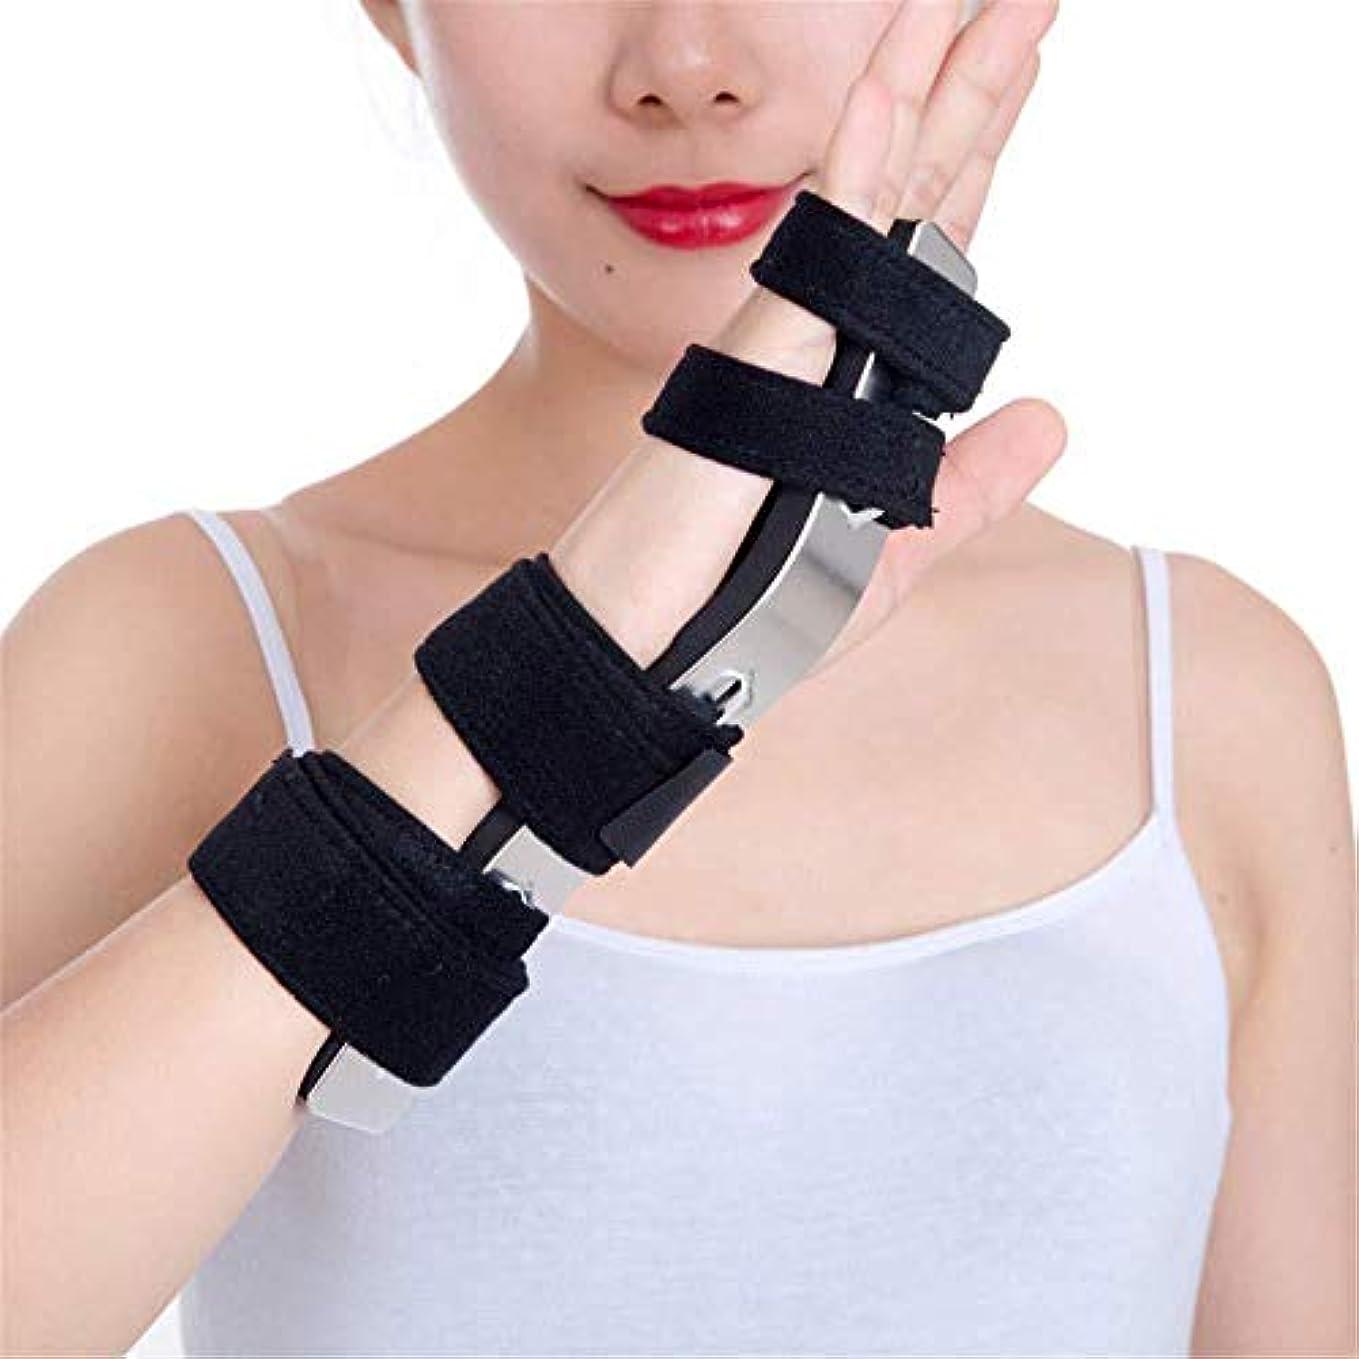 ライブ換気するライバルトリガーフィンガースプリント、ニュートラル関節炎の親指手首サポート、右手と左手用のトリガーフィンガー